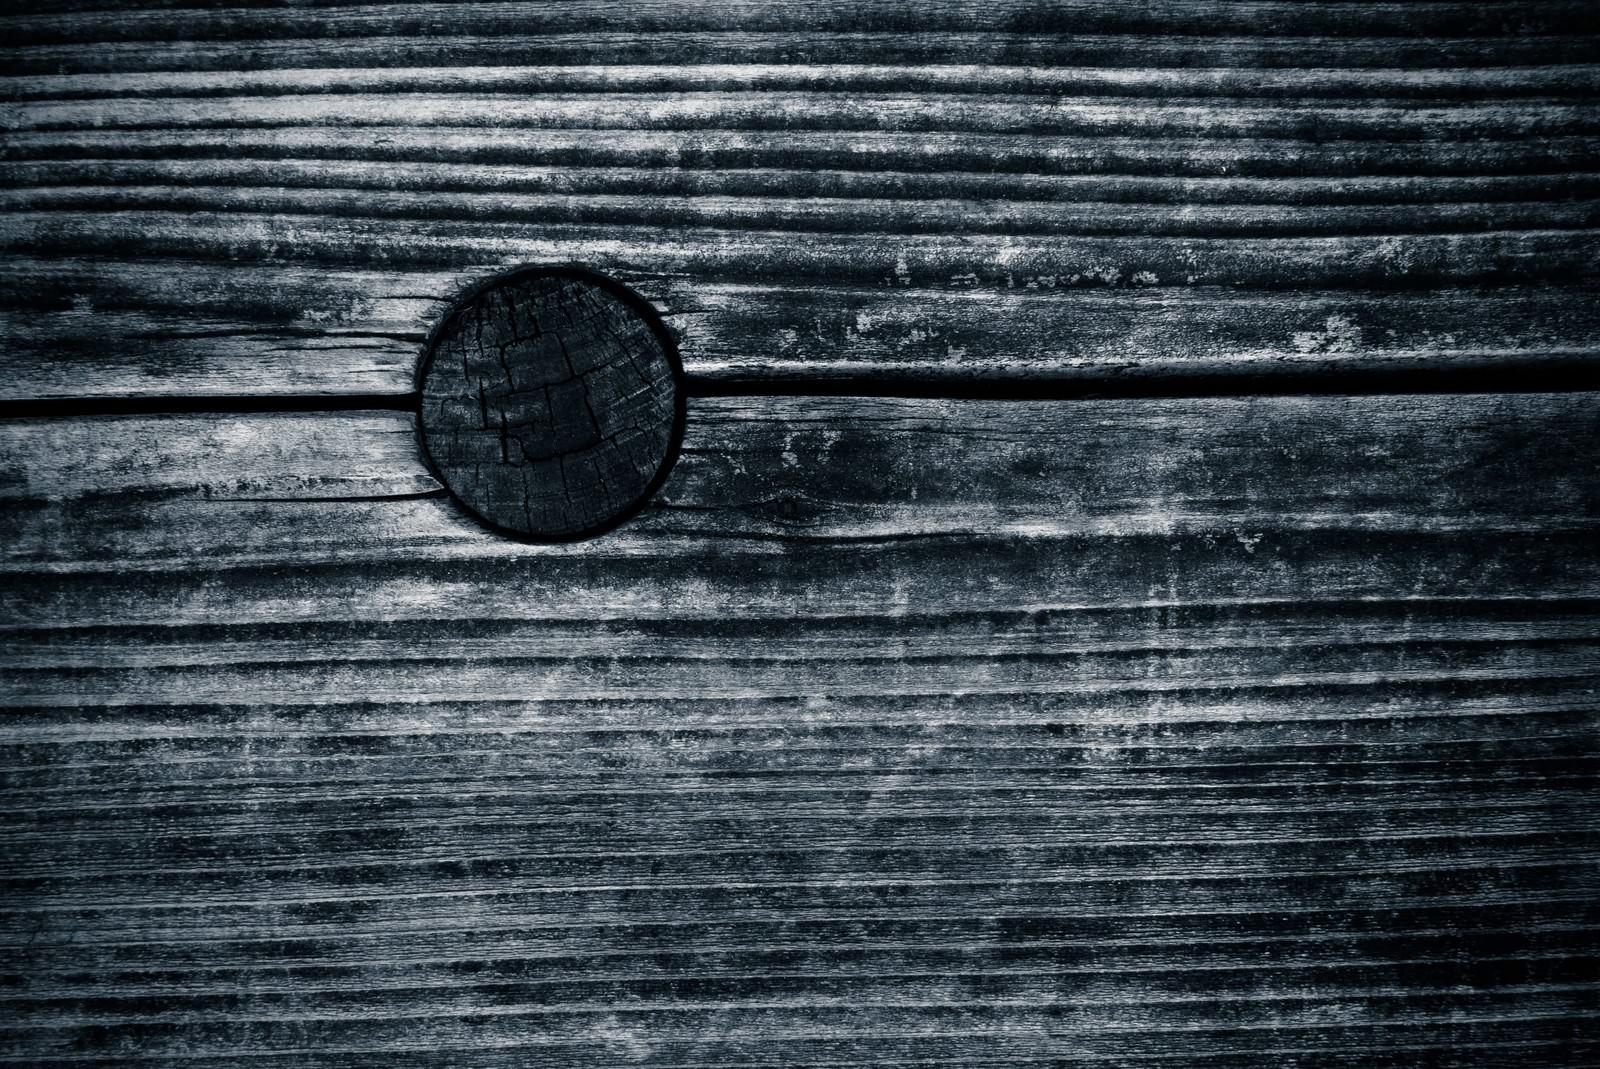 「木造の壁(テクスチャ)」の写真